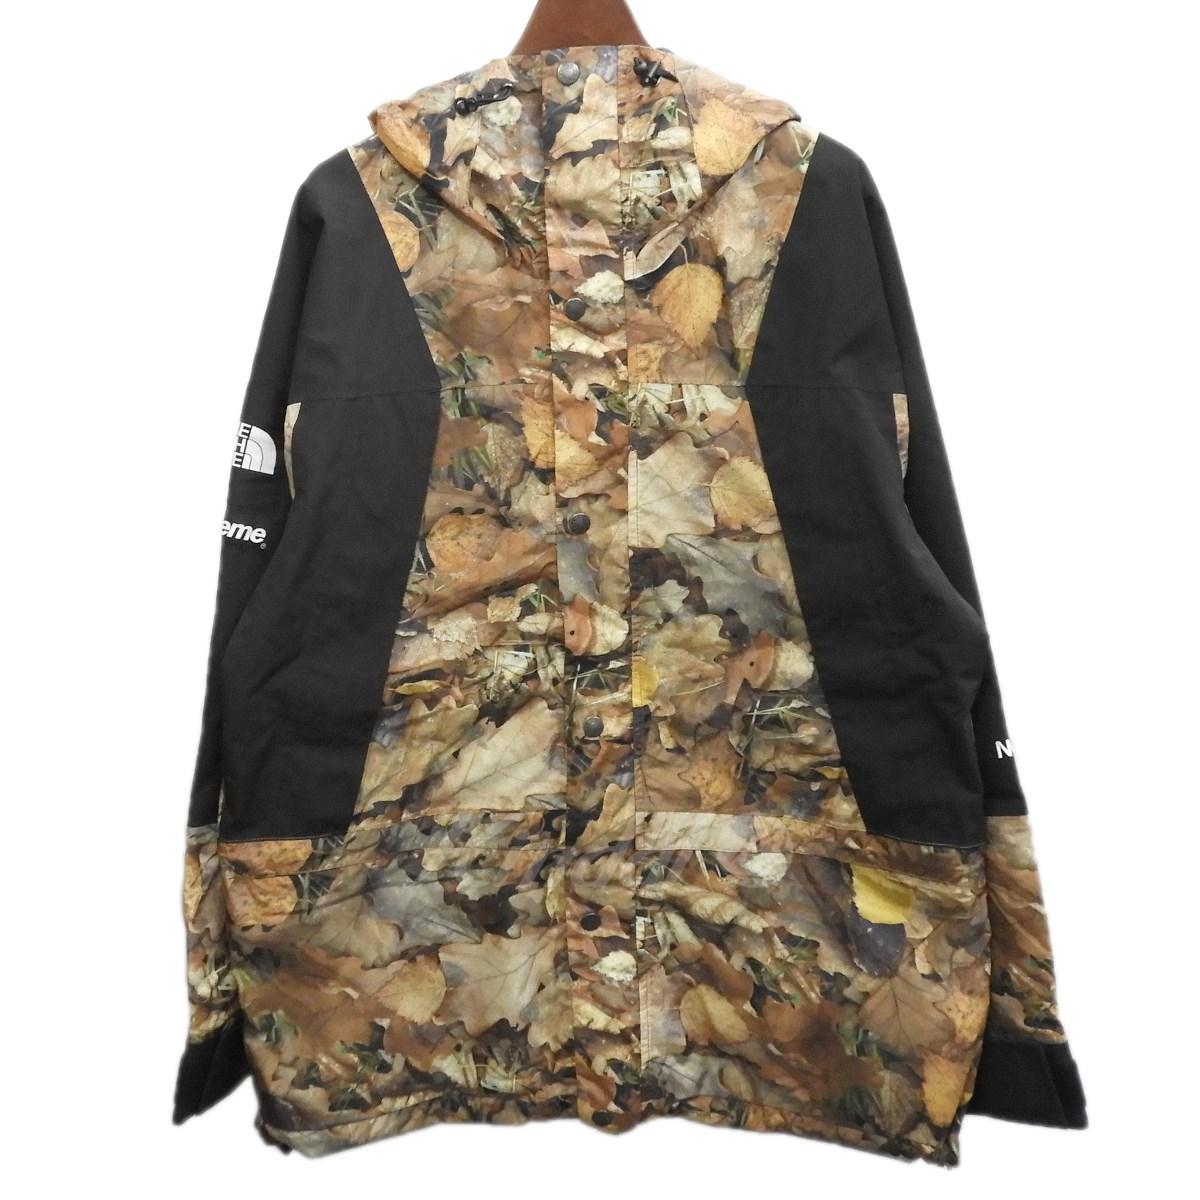 【中古】Supreme×THE NORTH FACE 2016AW 「Mountain Light Jacket」枯葉マウンテンライトジャケット リーブス サイズ:M 【送料無料】 【300319】(シュプリーム ノースフェイス)